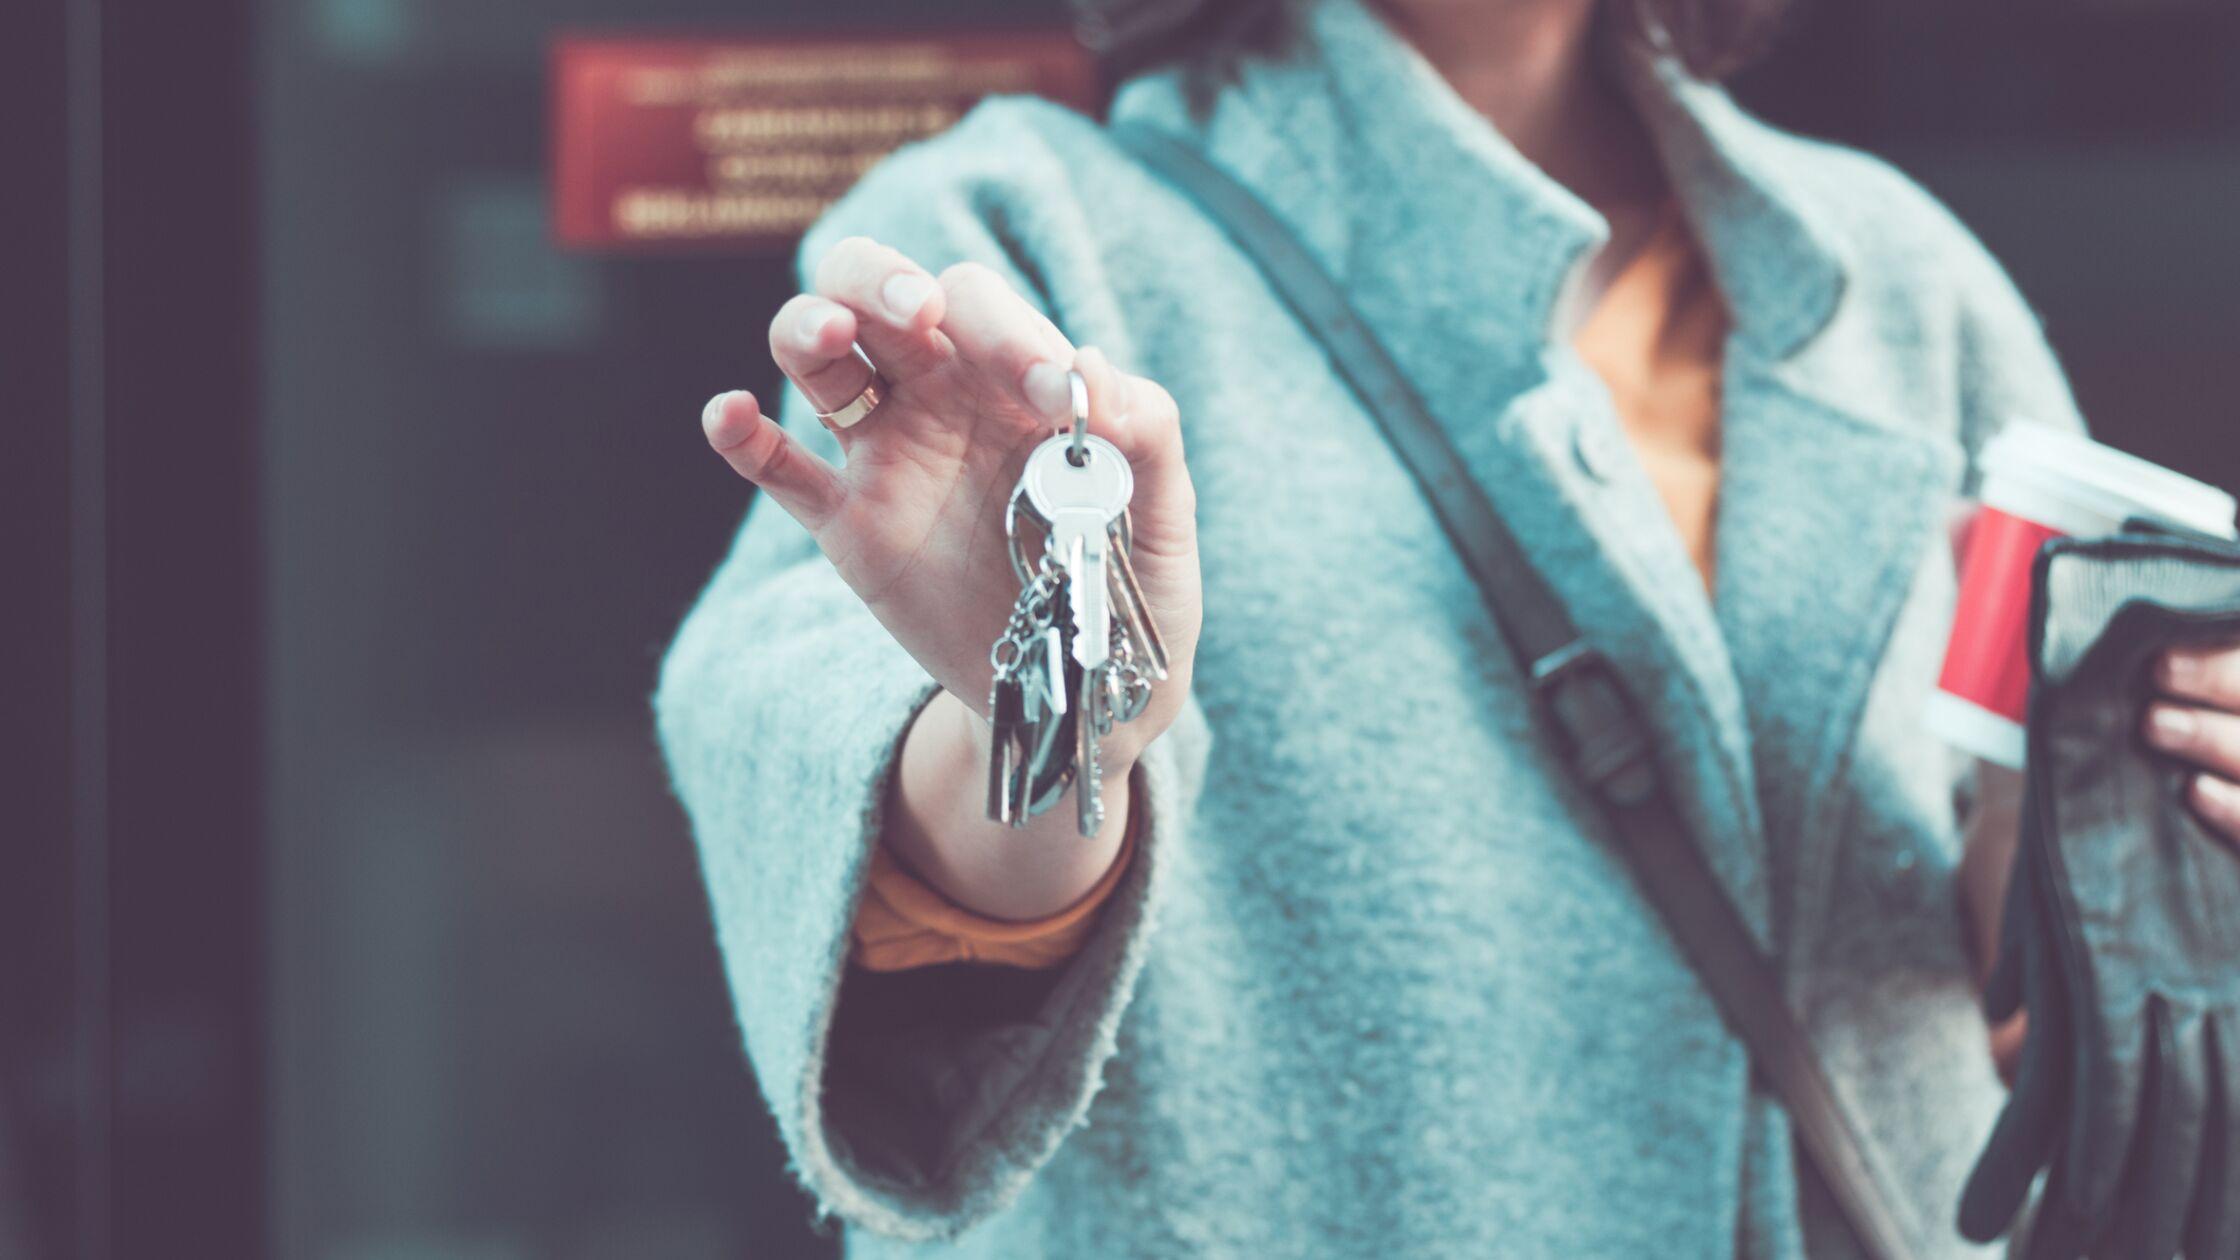 Frau hält Schlüsselbund in der Hand